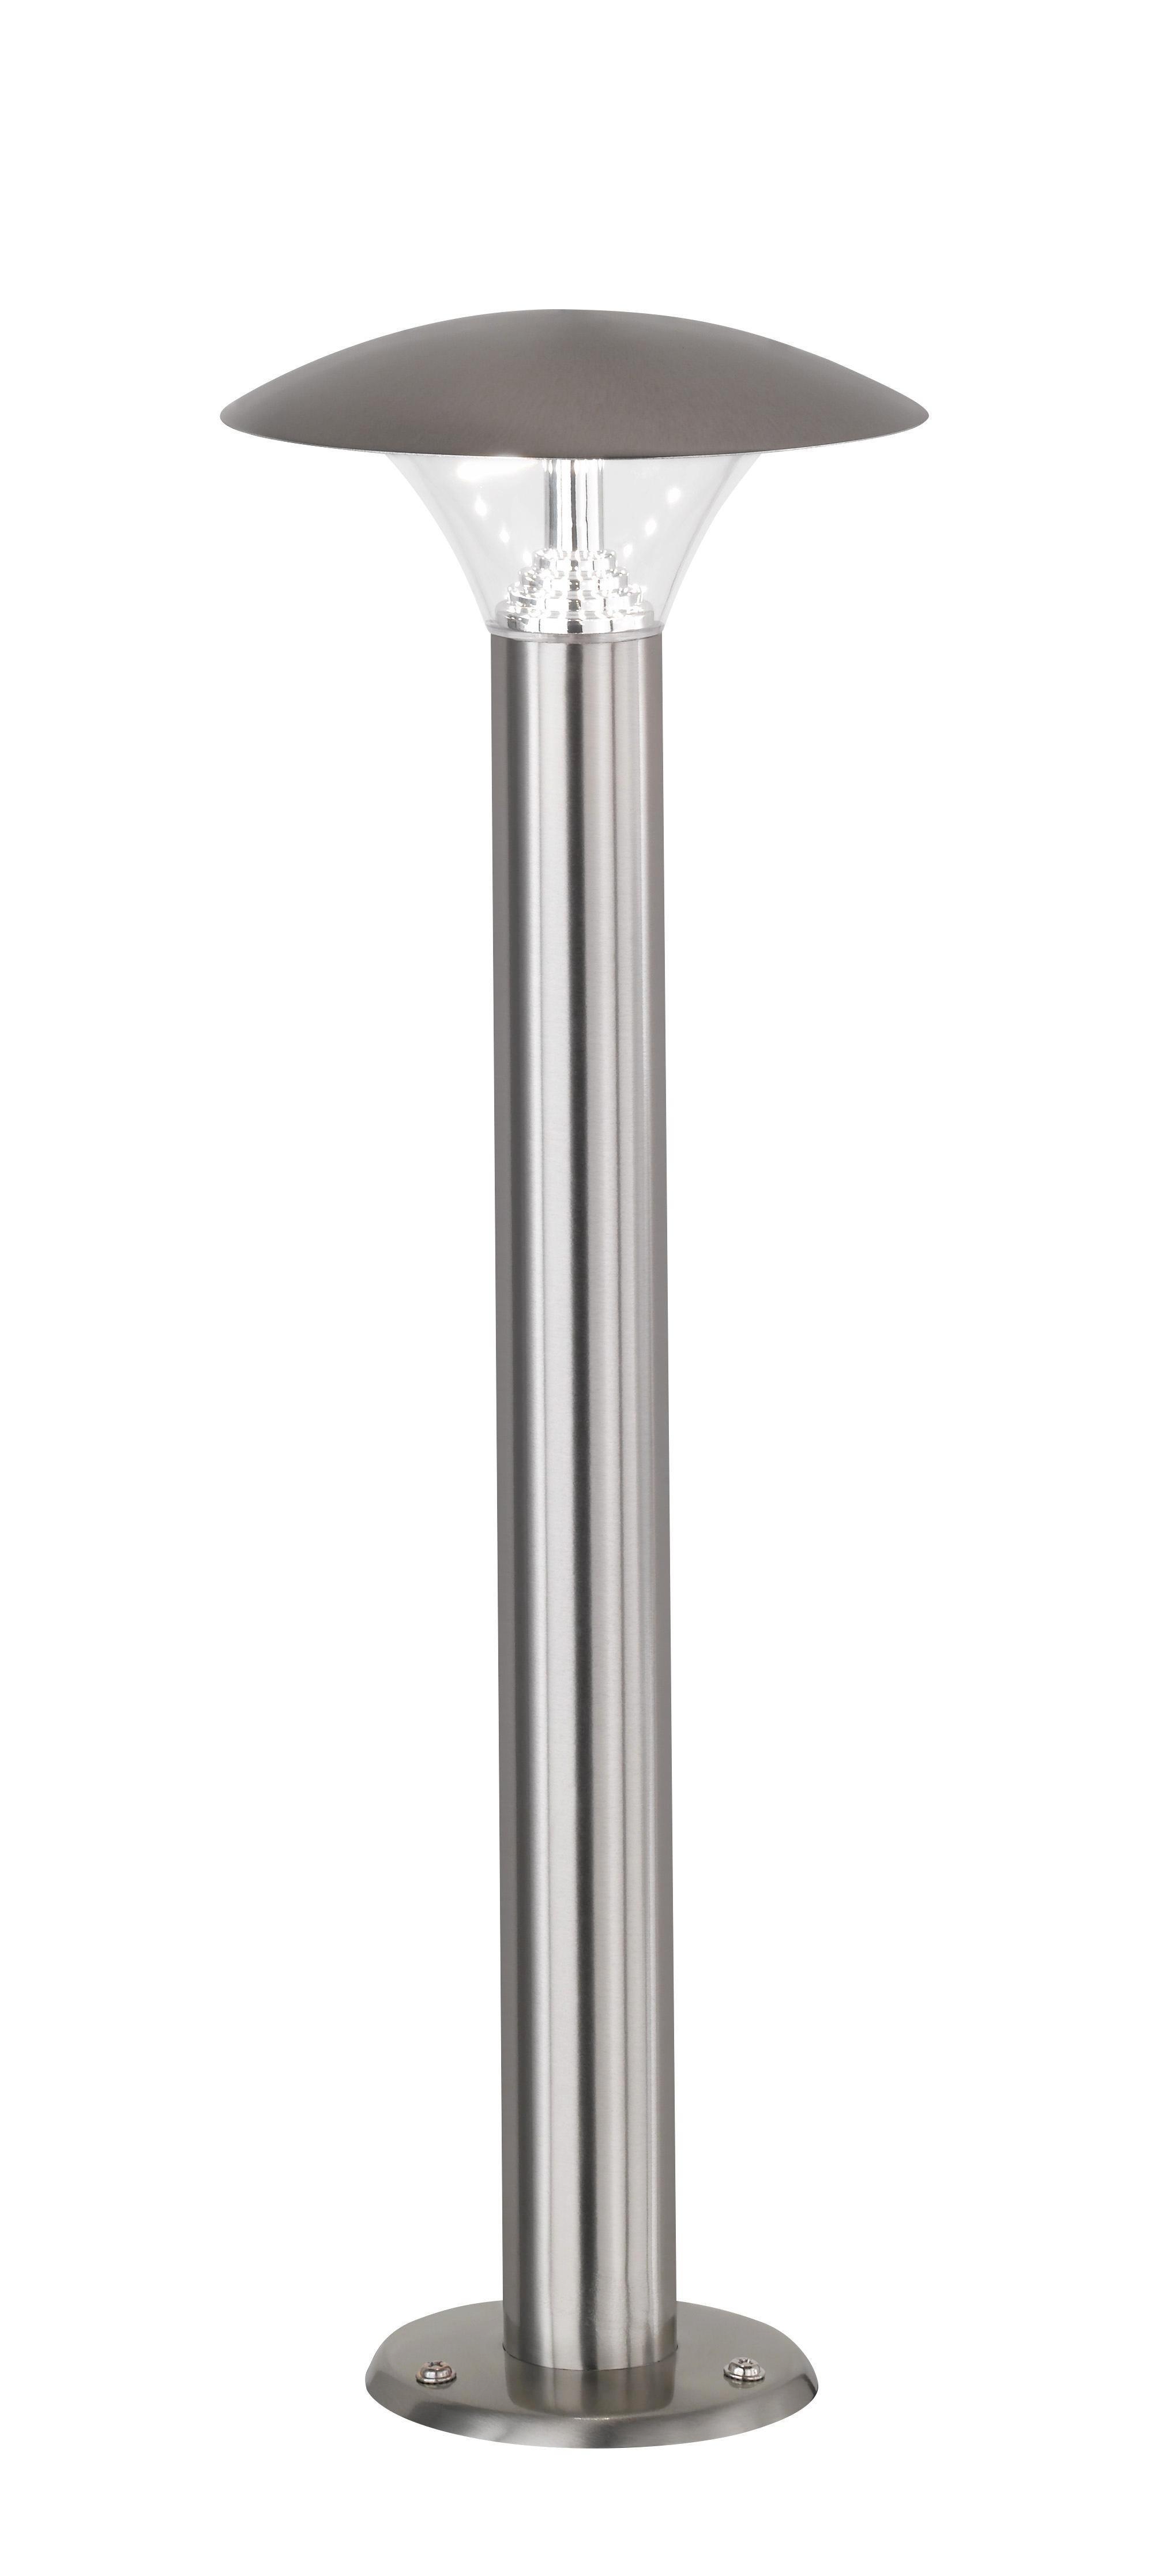 AUßENLEUCHTE - Edelstahlfarben, Design, Metall (15,5/45cm)